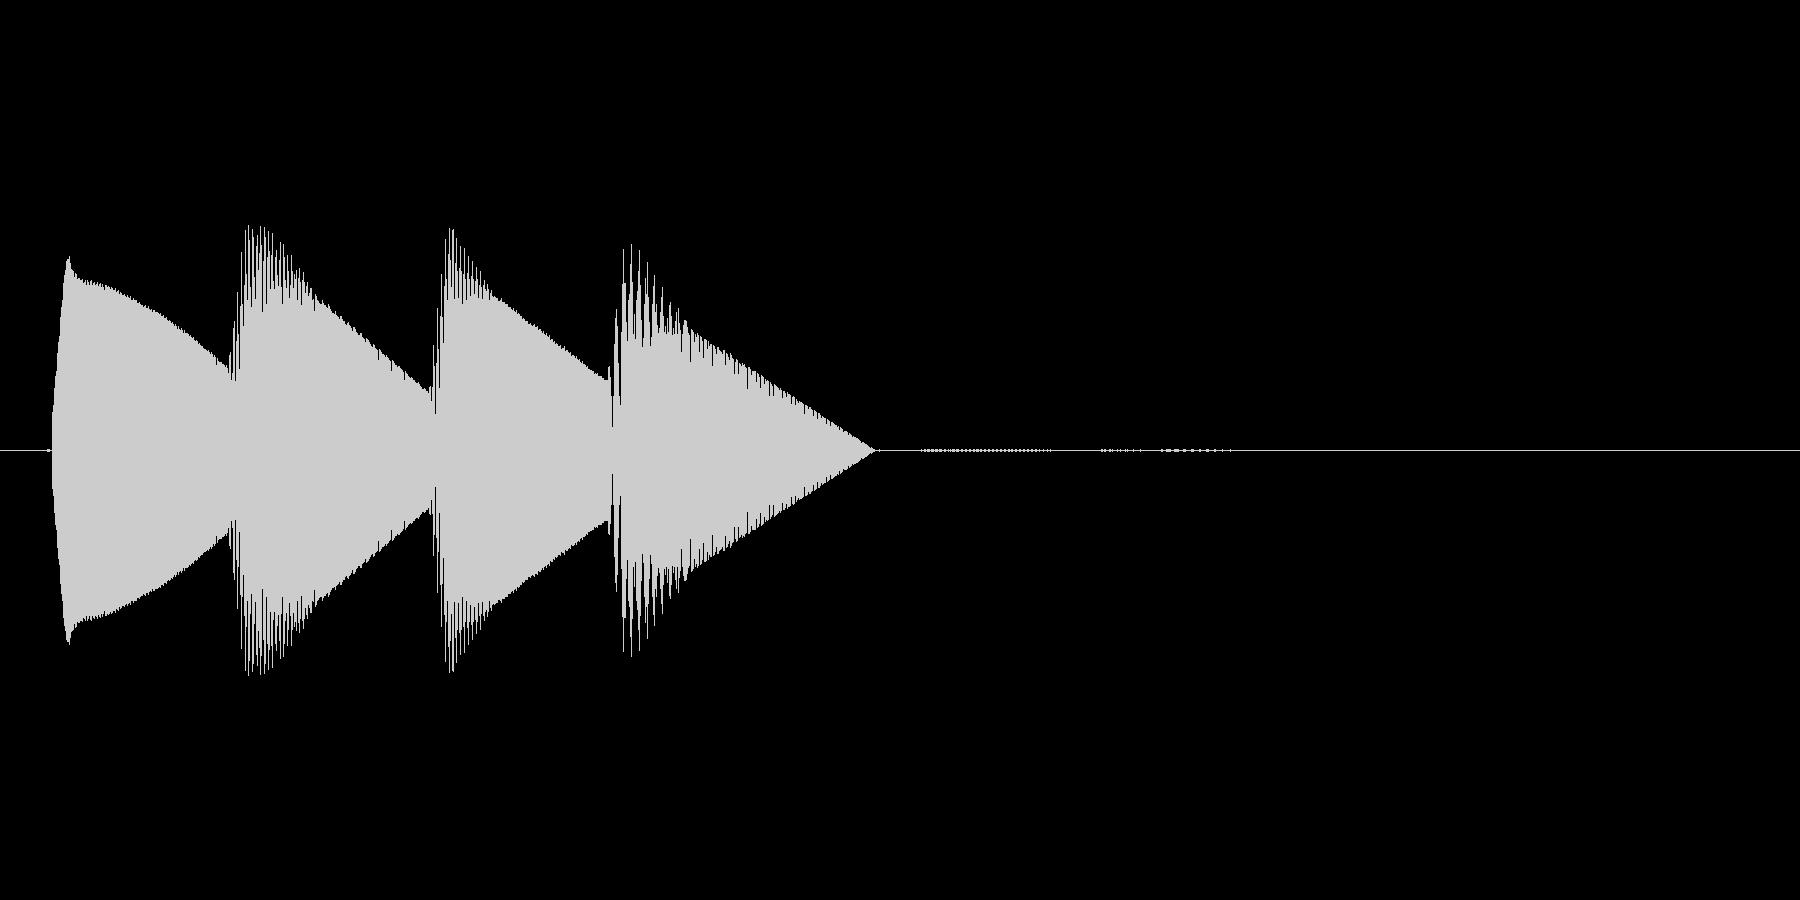 8bitのシステム音ピロロロン↓高音の未再生の波形